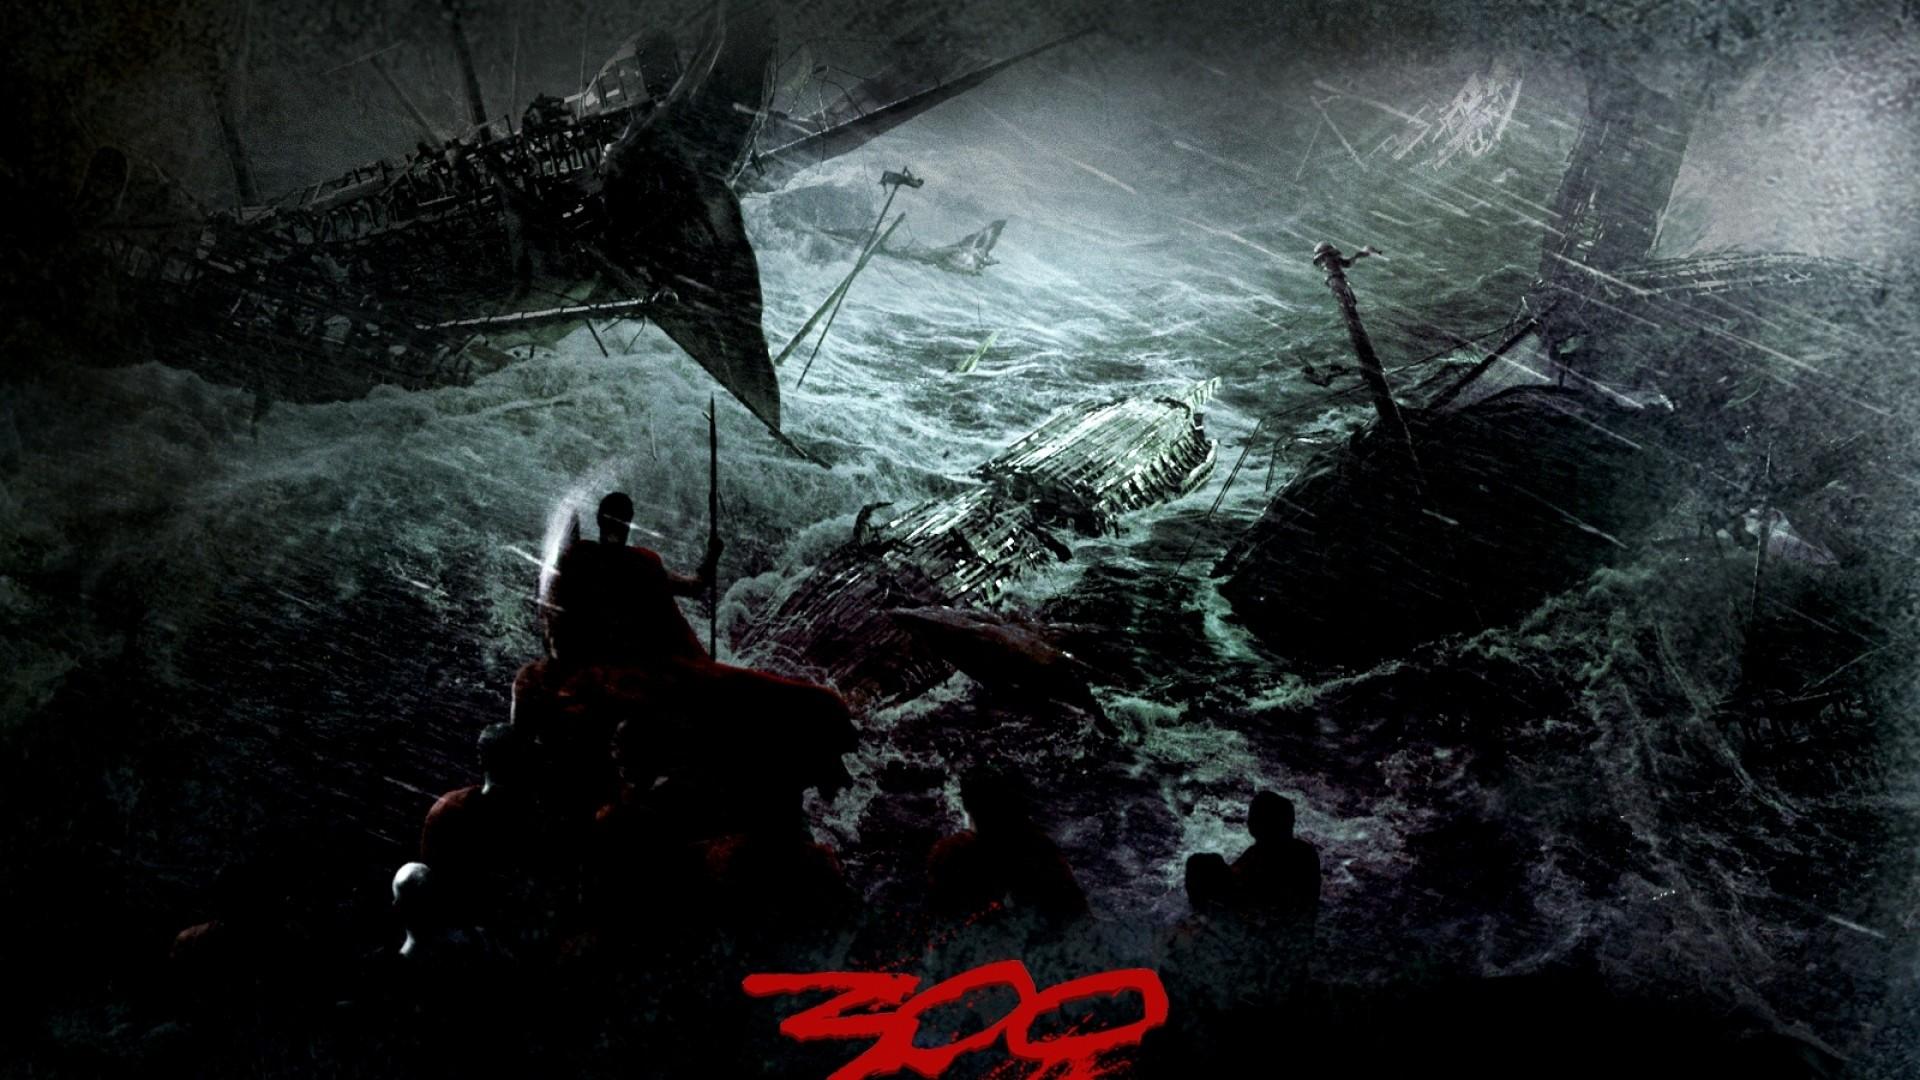 Wallpaper 300, ships, crash, storm